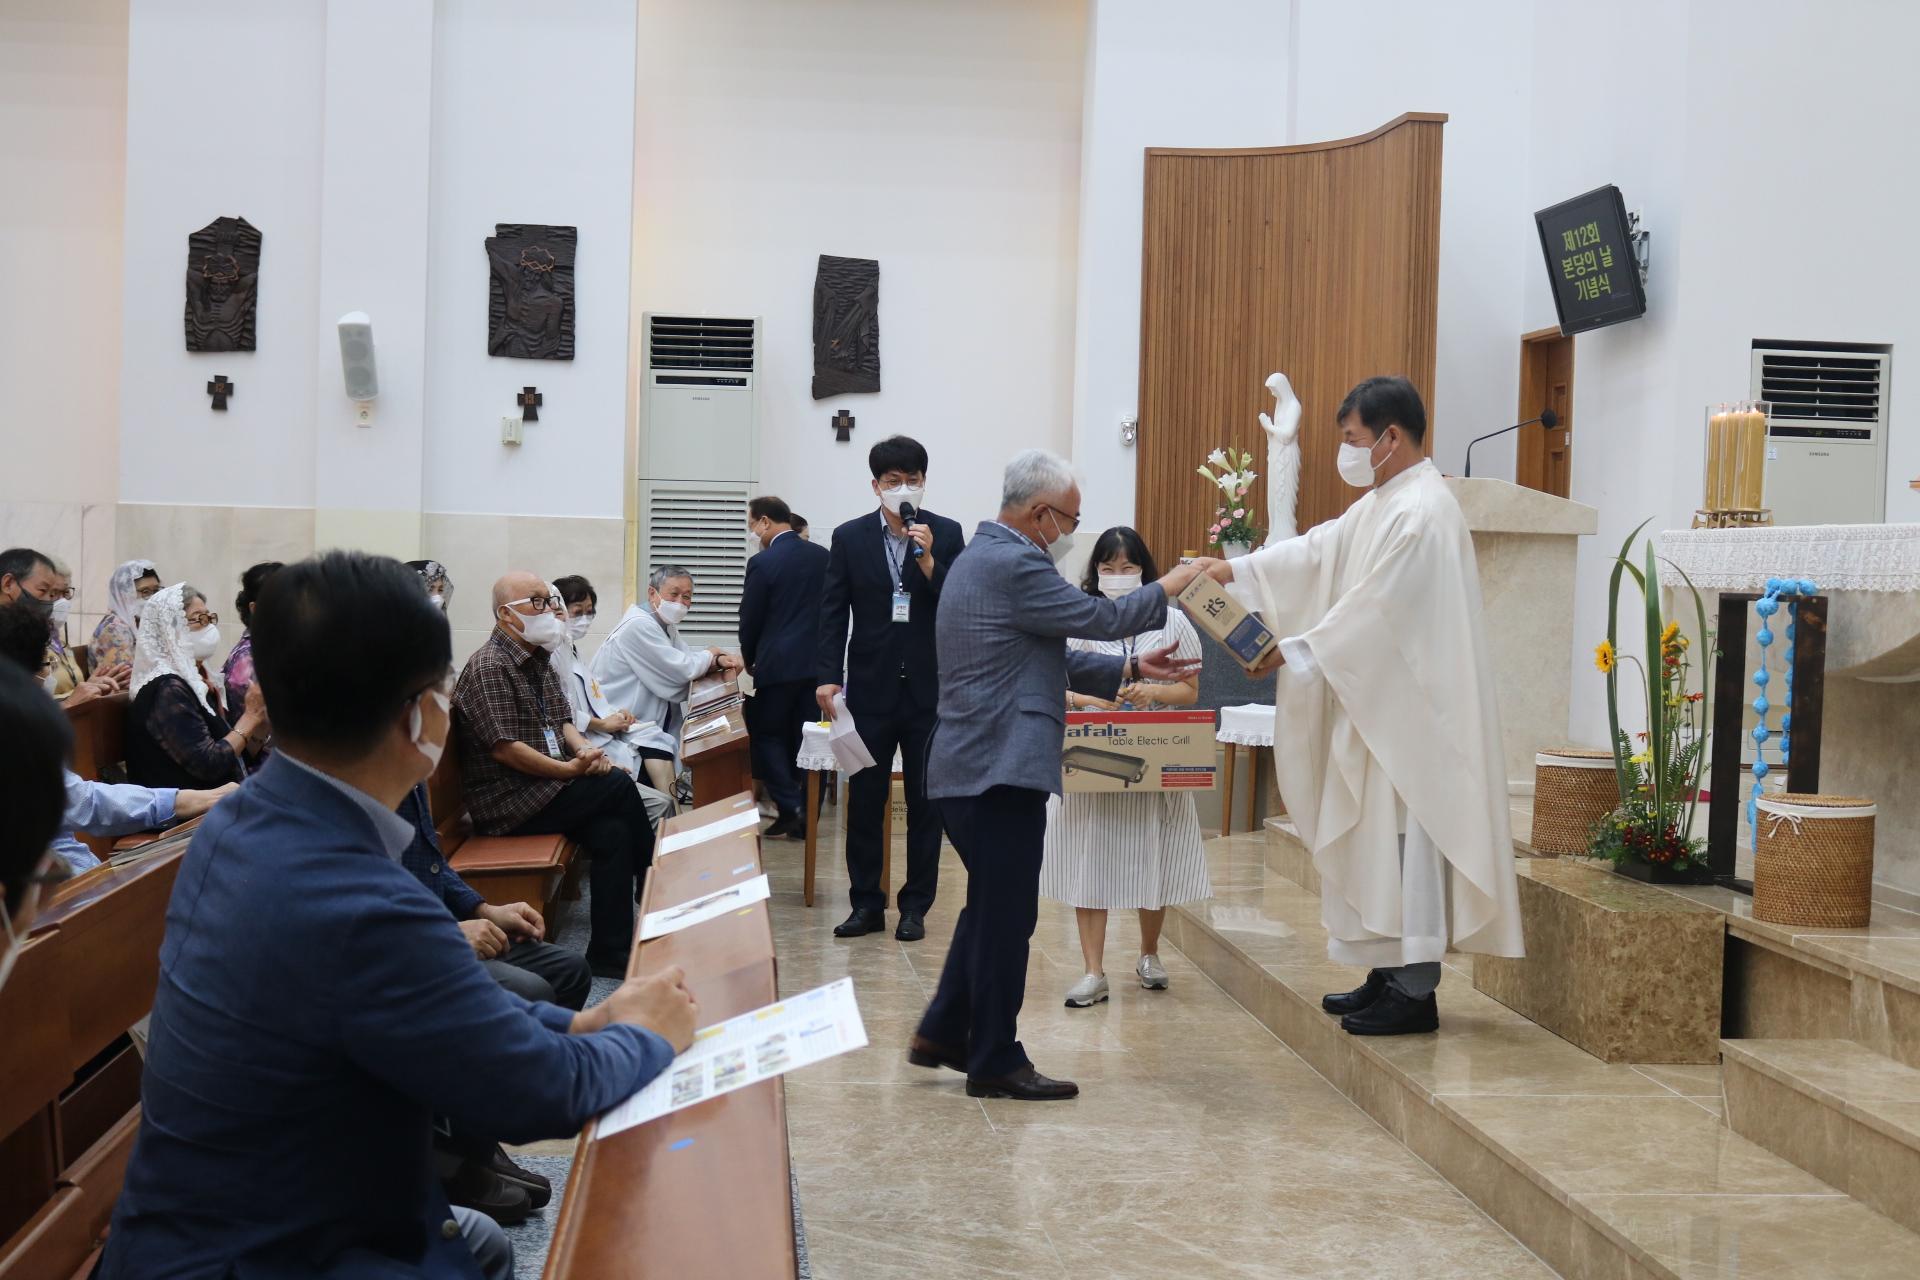 2021-10-09~10 제12회 본당의날 (119).JPG